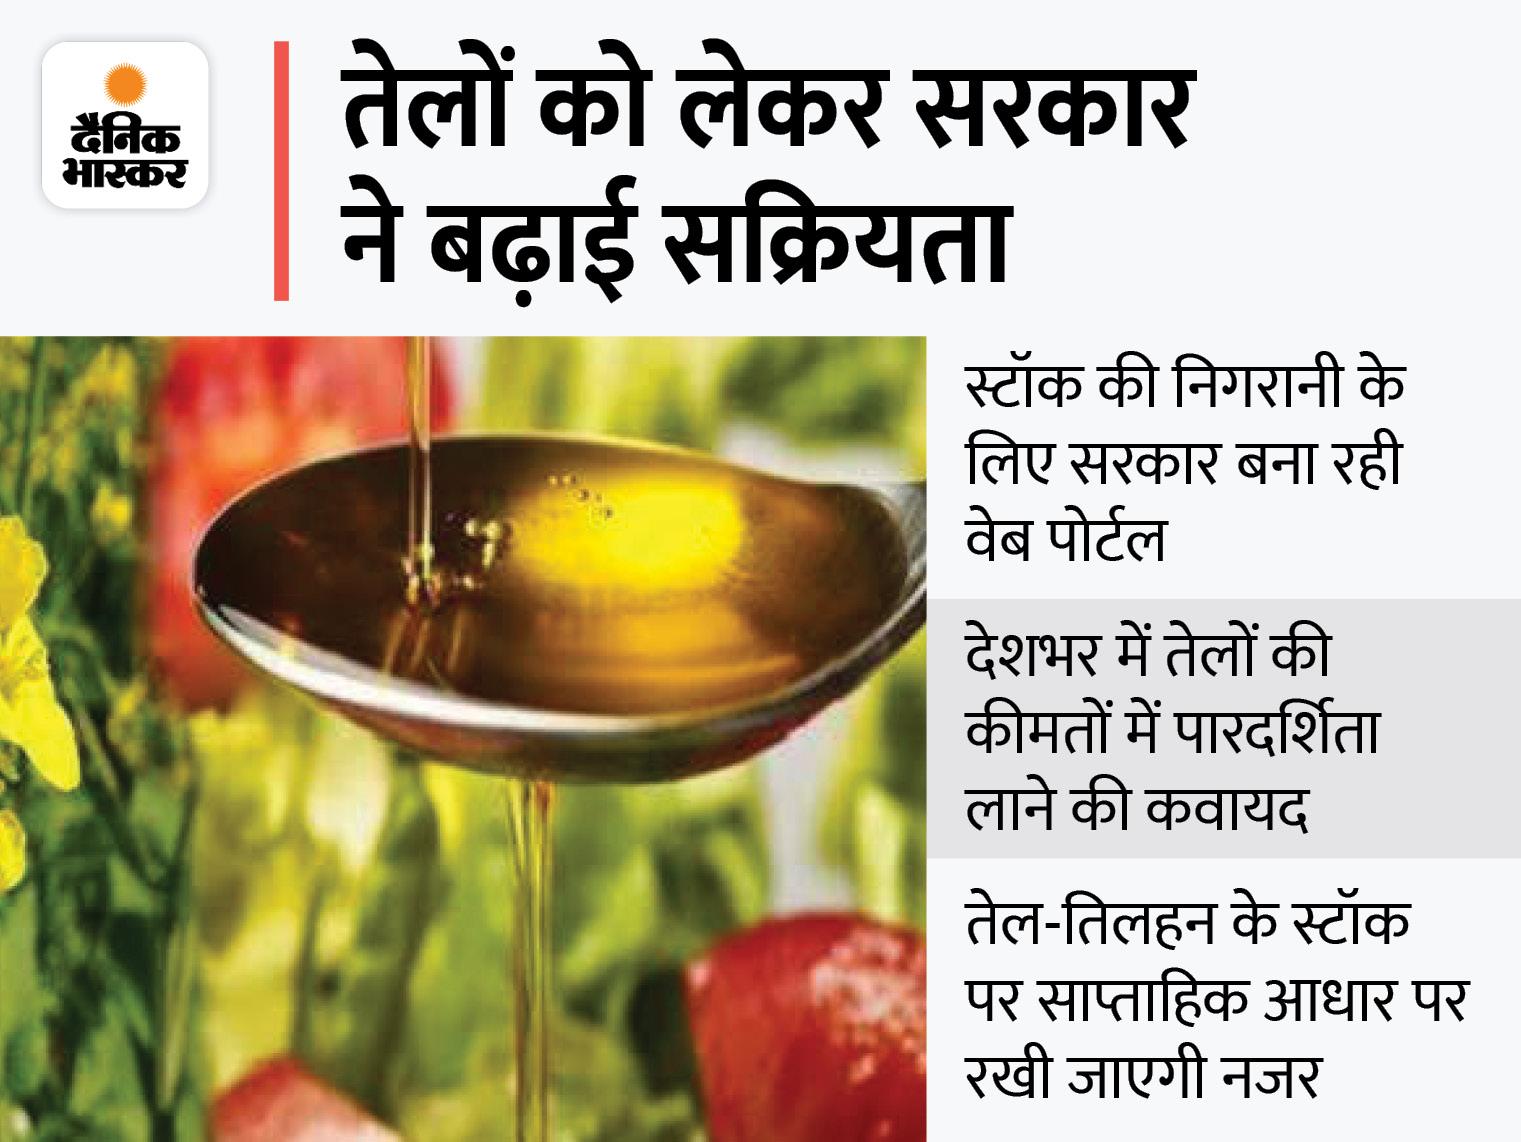 सनफ्लावर, पाम और सोया ऑयल हुए सस्ते, लेकिन सरसों तेल हुआ महंगा; तेल-तिलहन के स्टॉक पर निगरानी के लिए बनेगा पोर्टल|बिजनेस,Business - Dainik Bhaskar